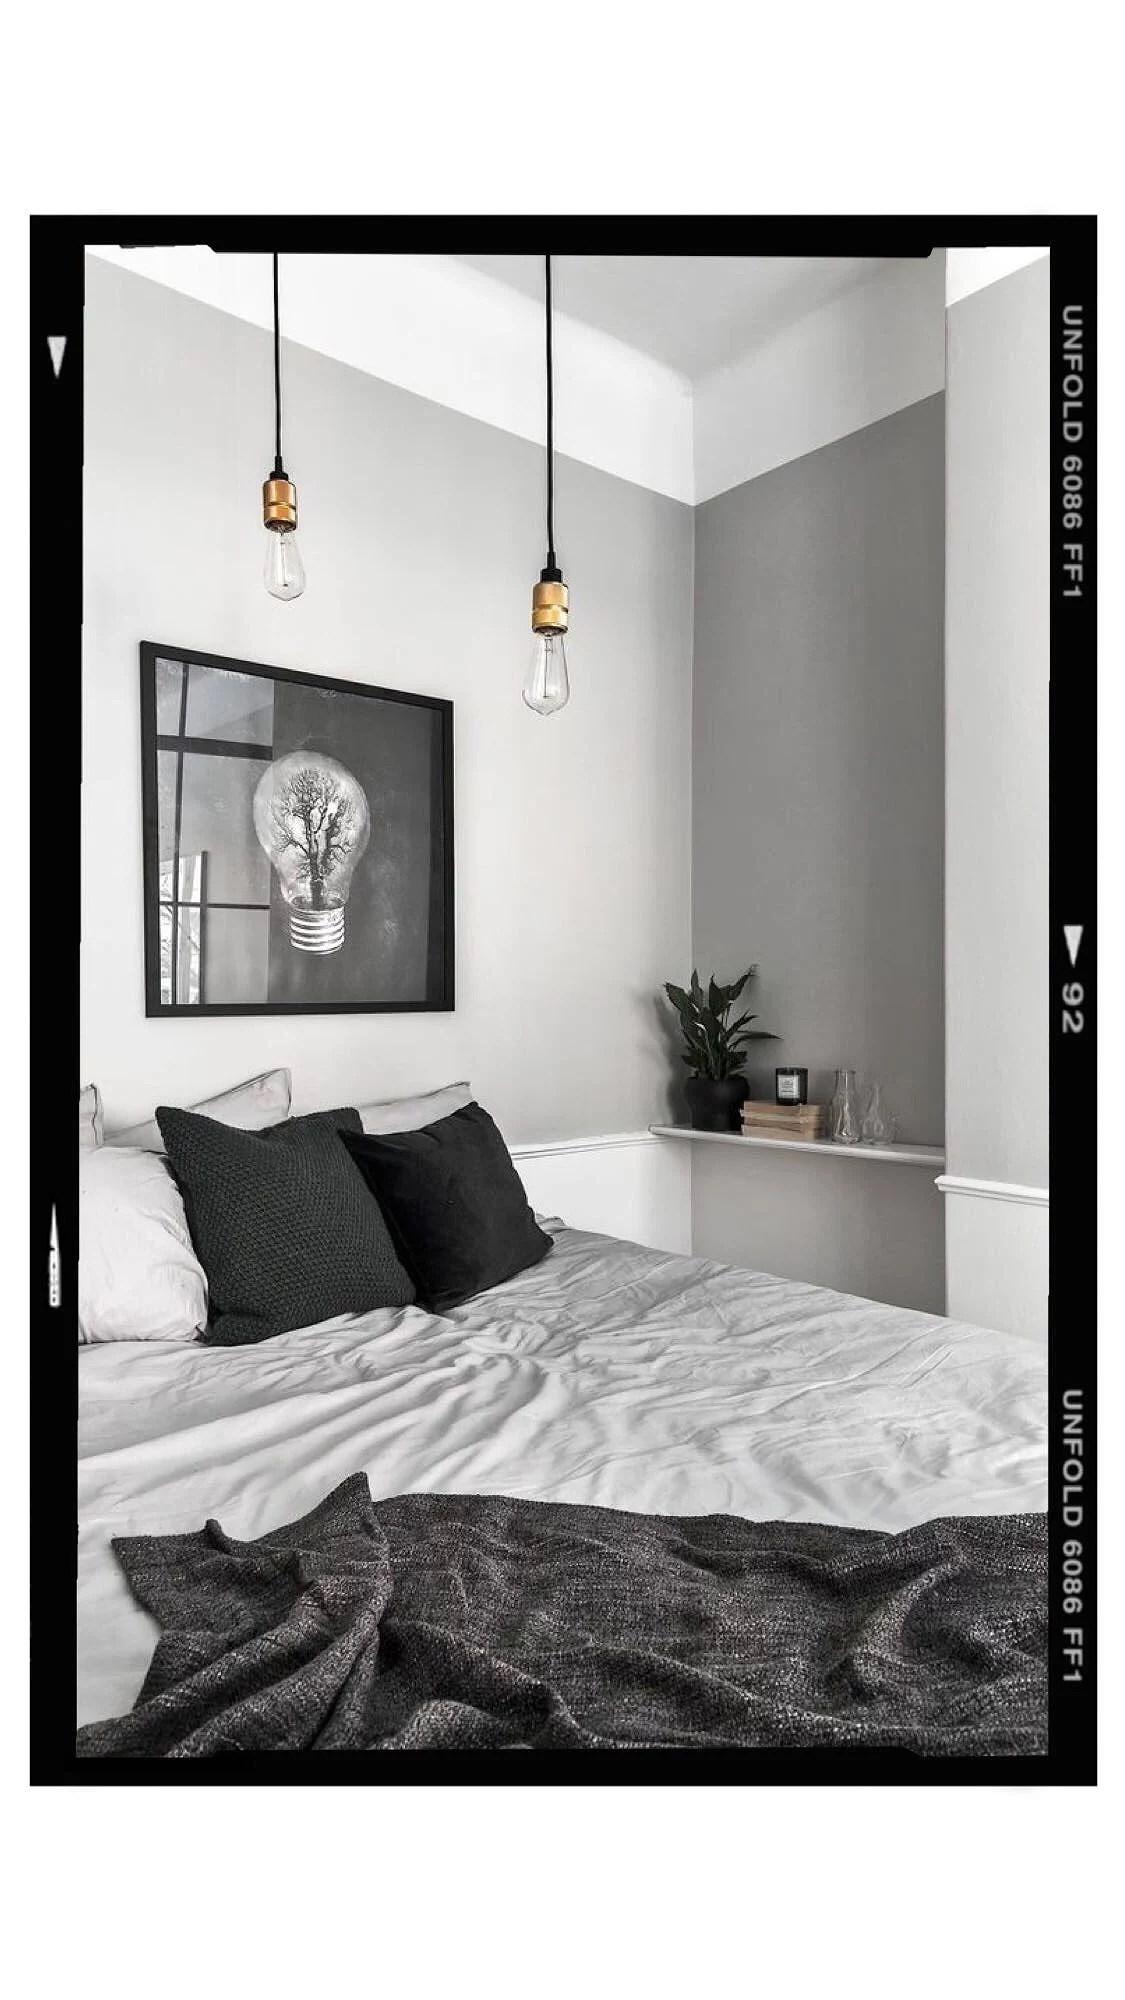 Färg till sovrummet - Min lägenhet